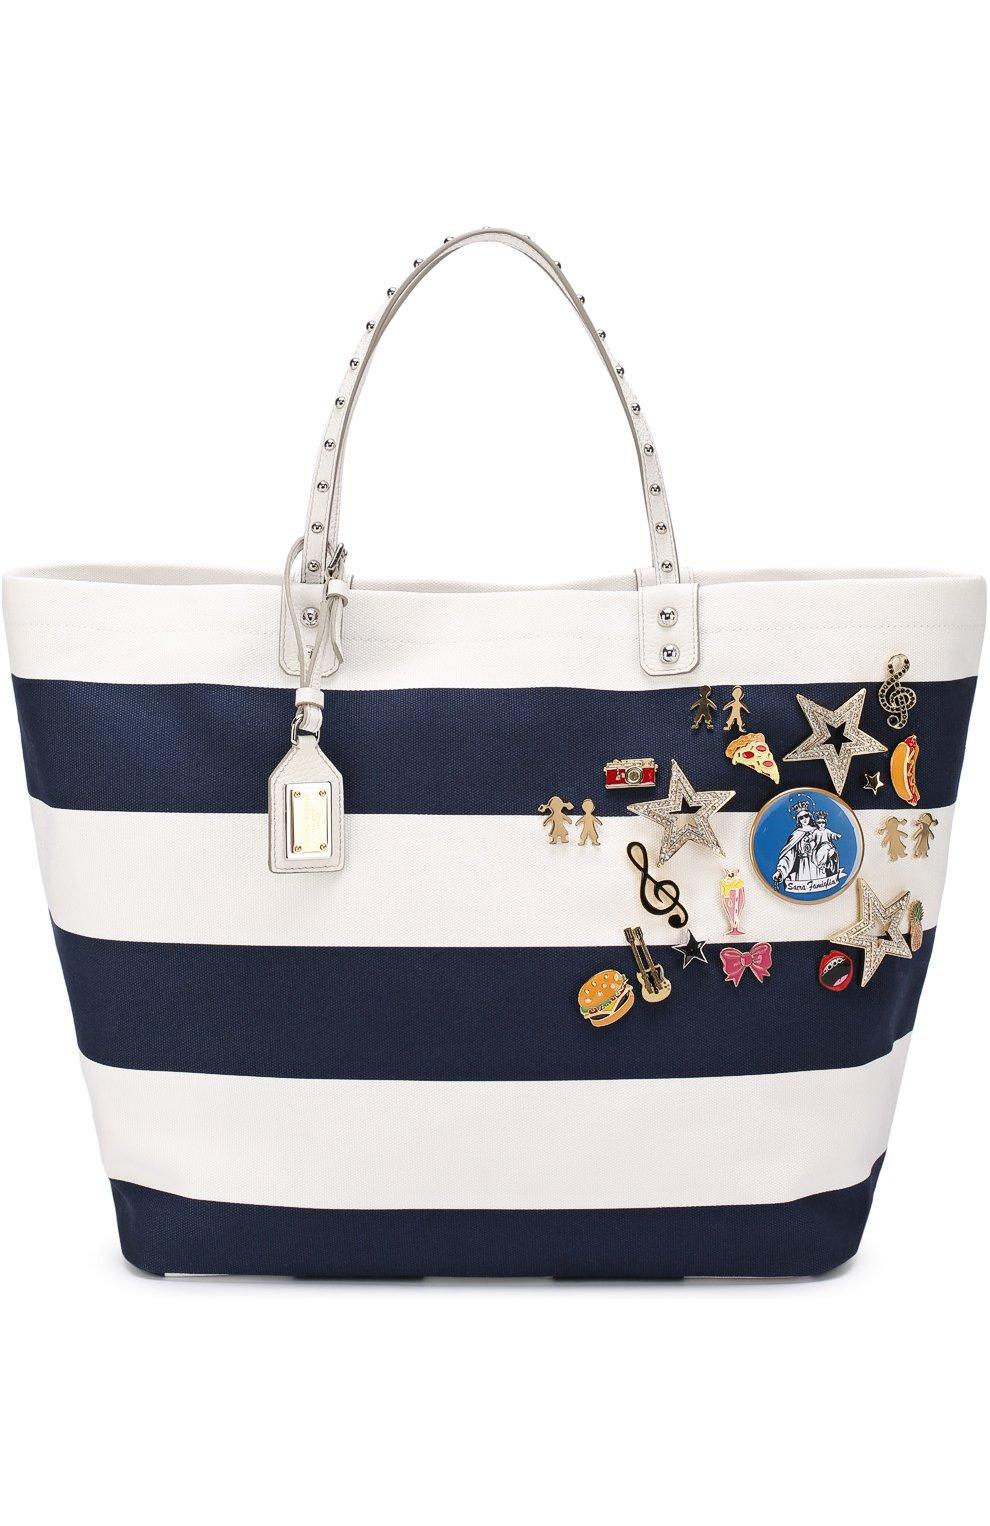 Текстильная сумка Beatrice с металлическим декором | Фото №1